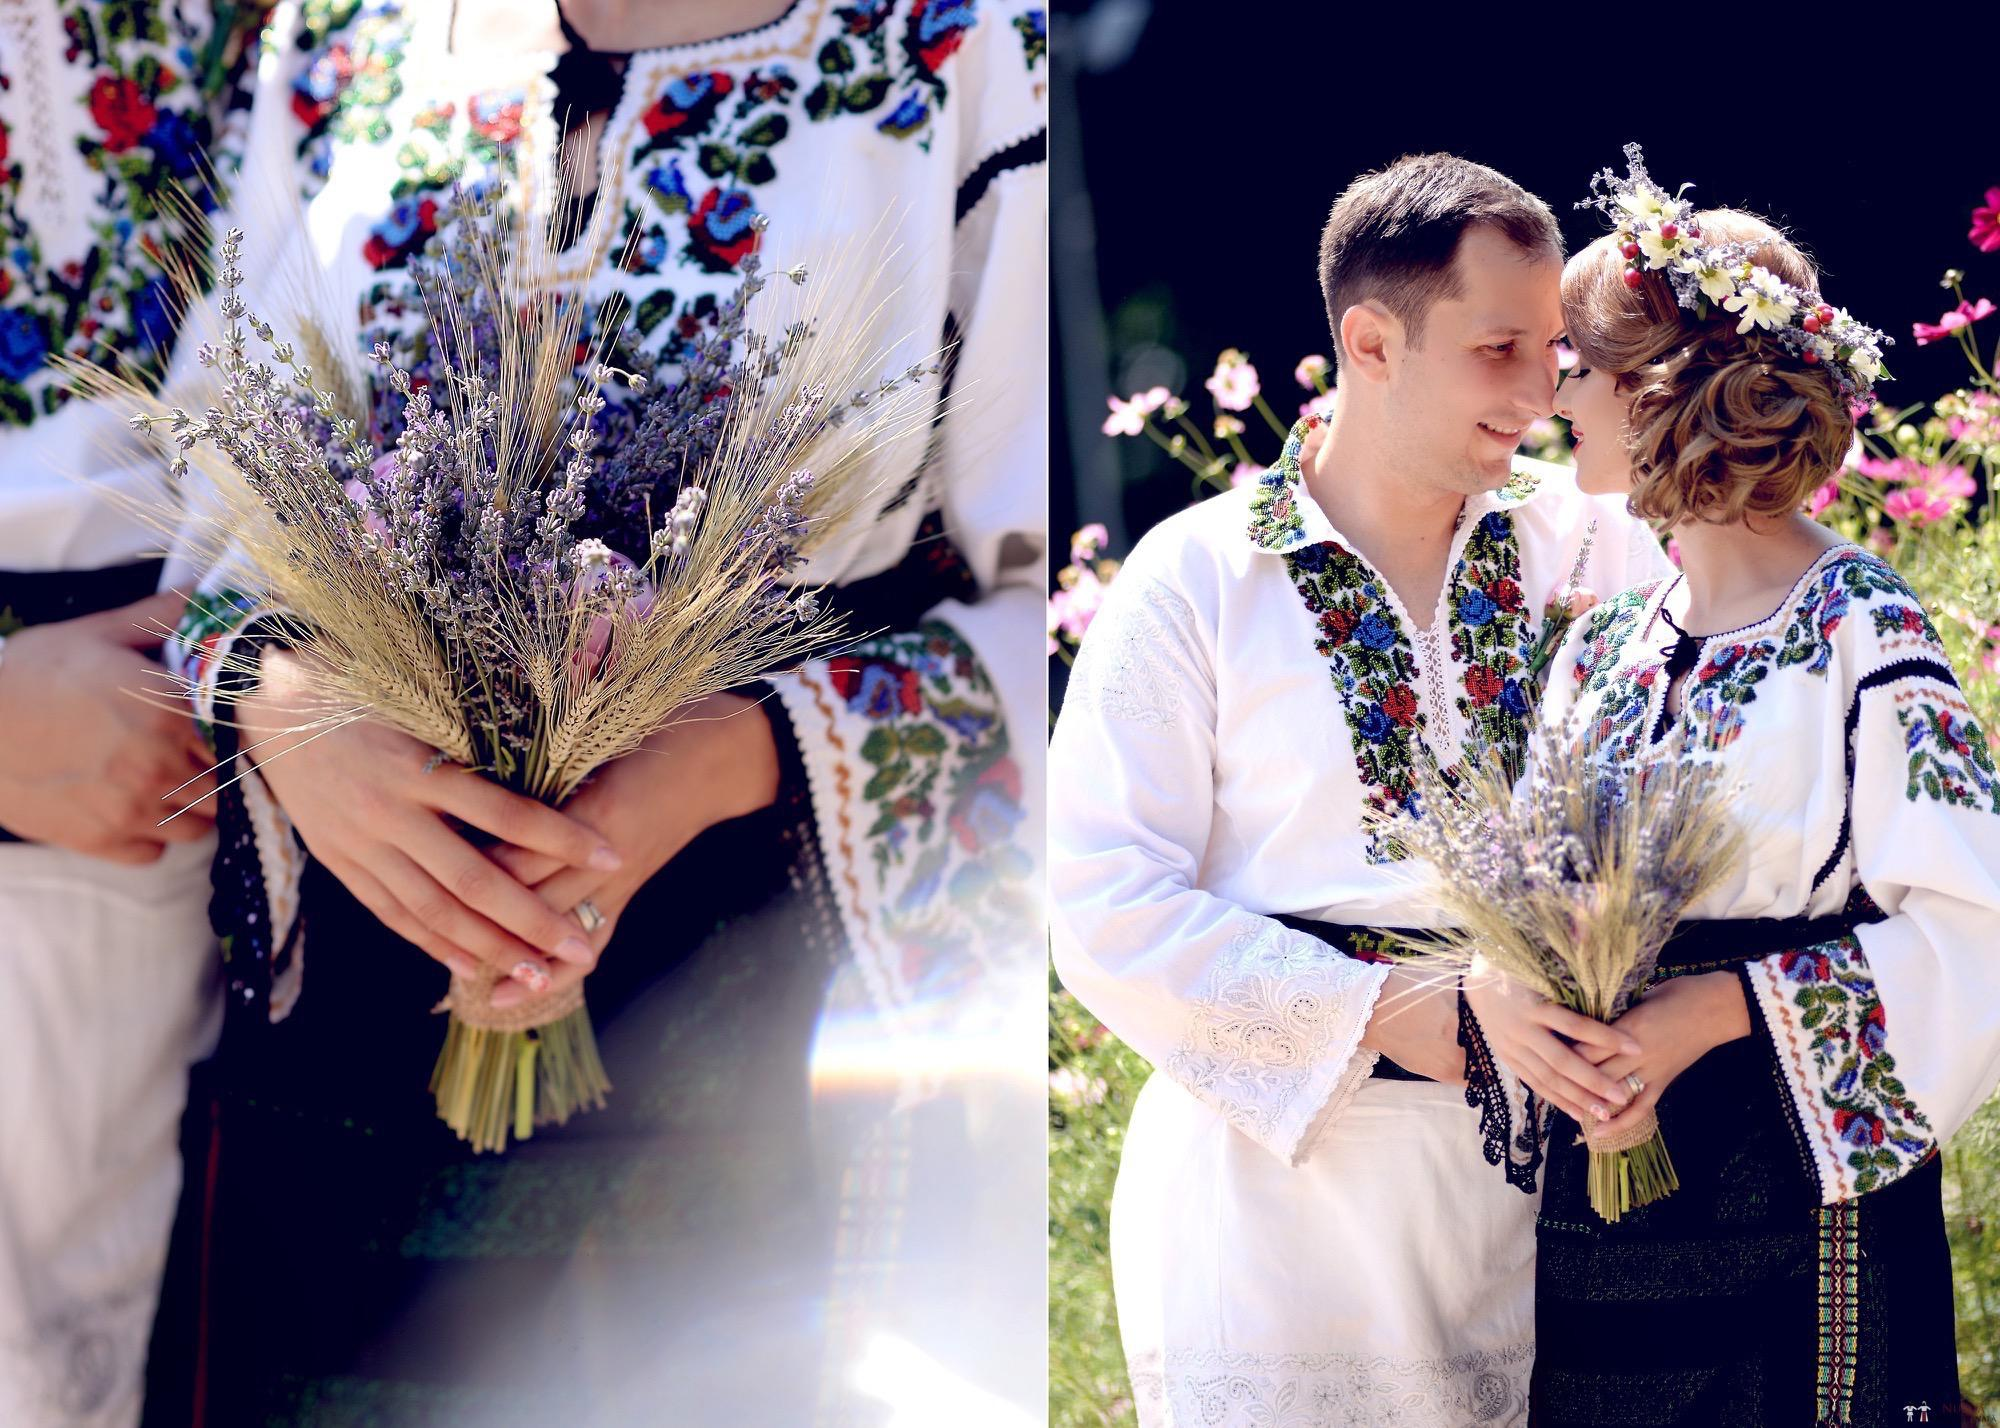 Povești Nunți Tradiționale - Iulia și Andrei. Nuntă tradițională în Bucovina. 51